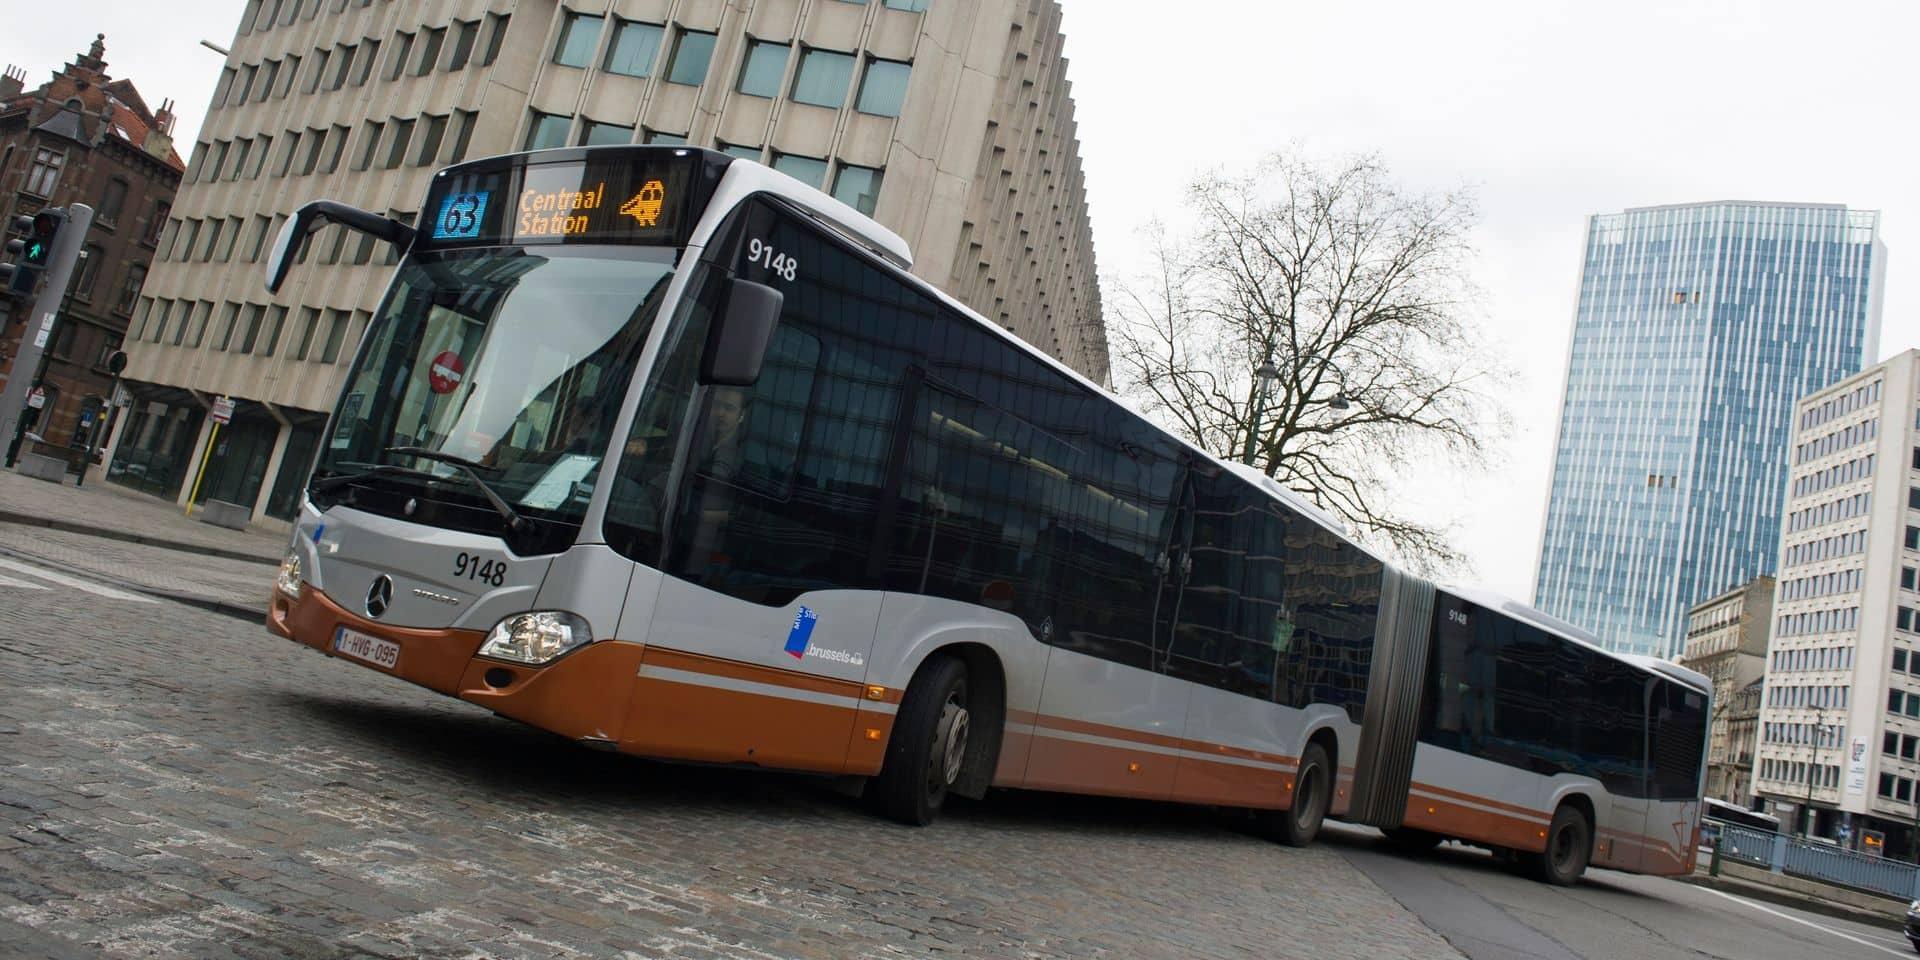 L'intégration tarifaire en vigueur à partir du 1er février : voici l'impact sur le portefeuille des usagers des transports publics